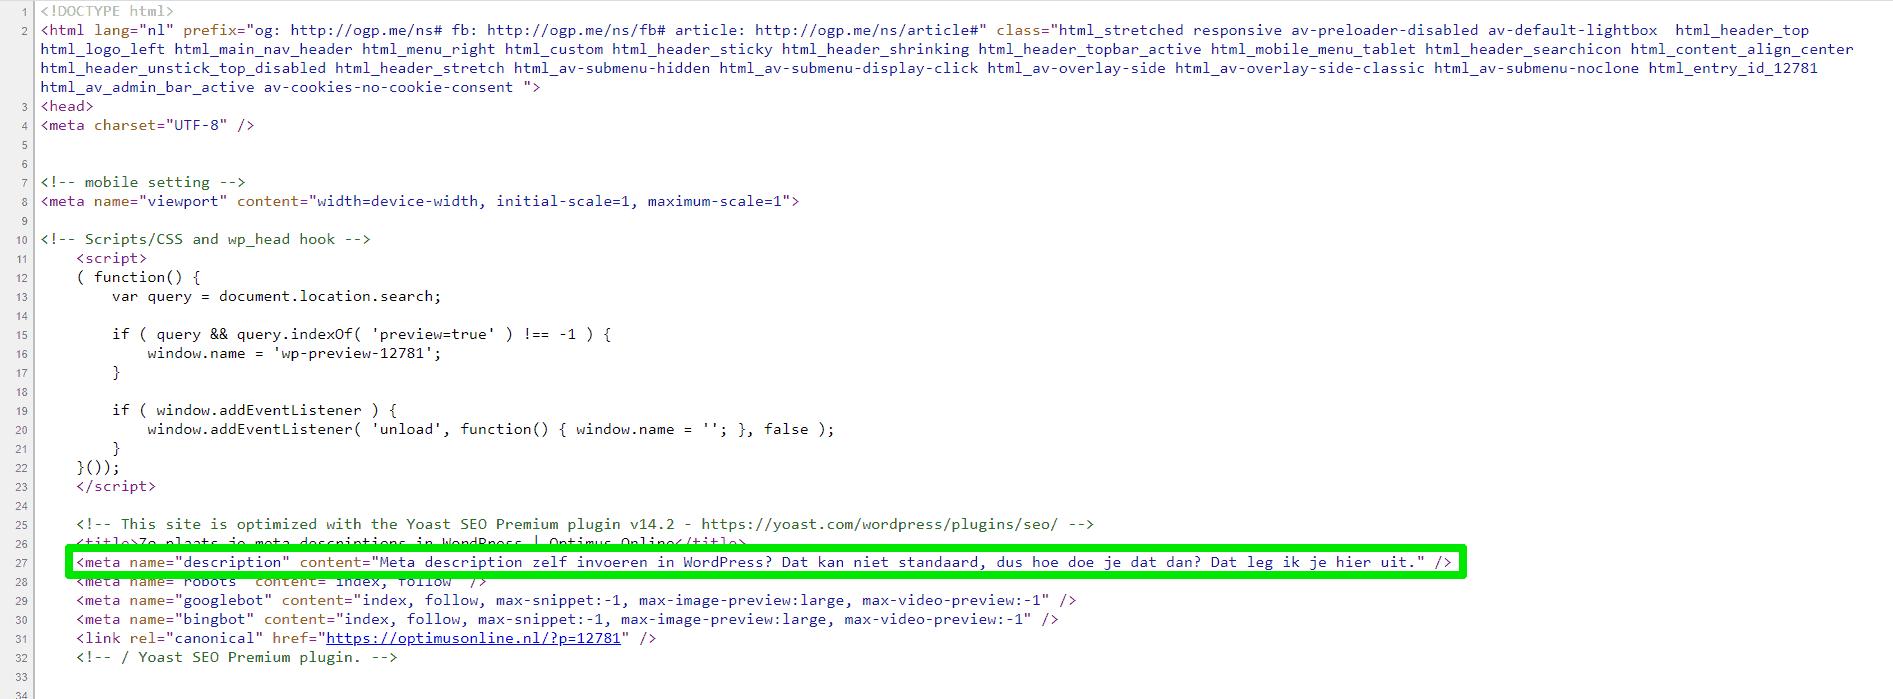 """Hier zie je de head-sectie van een webpagina met daarin de metatag meta name=""""descrption""""."""